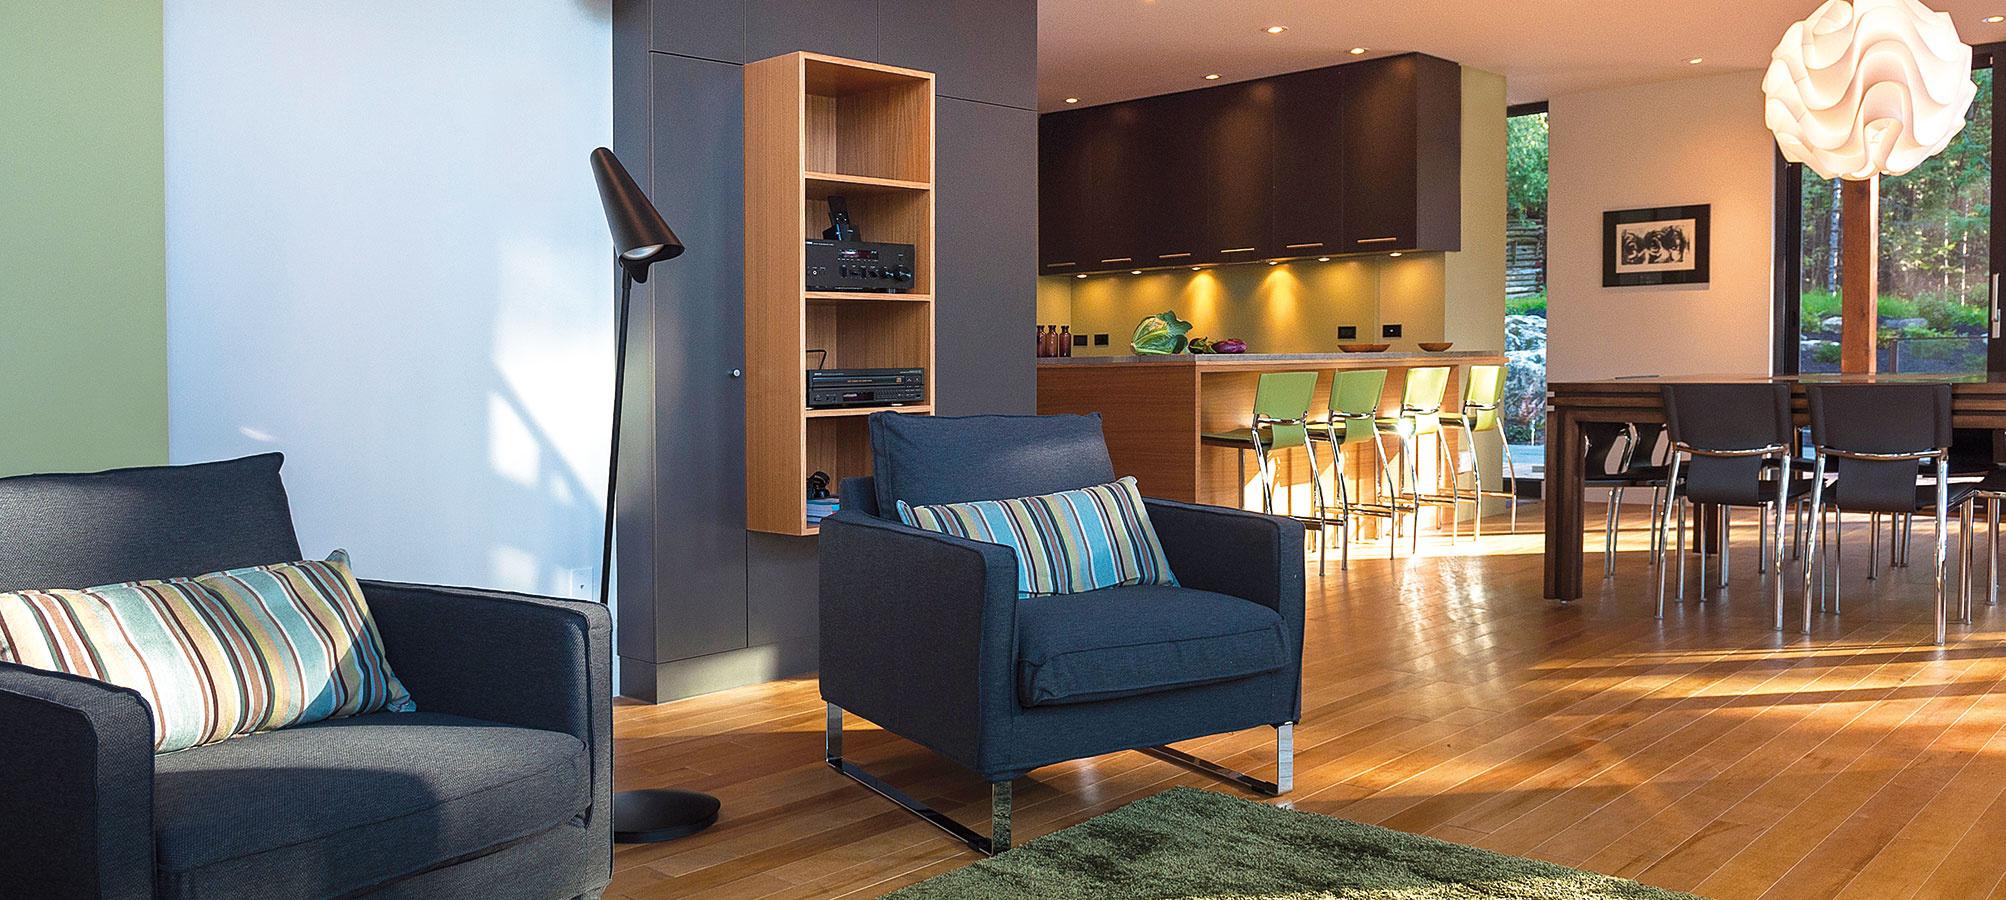 Prostý, ale pohodlný. Otvorený interiér je zariadený jednoducho a účelne, v decentných farbách. Na odpočinok v prírode nie je potrebný luxus.